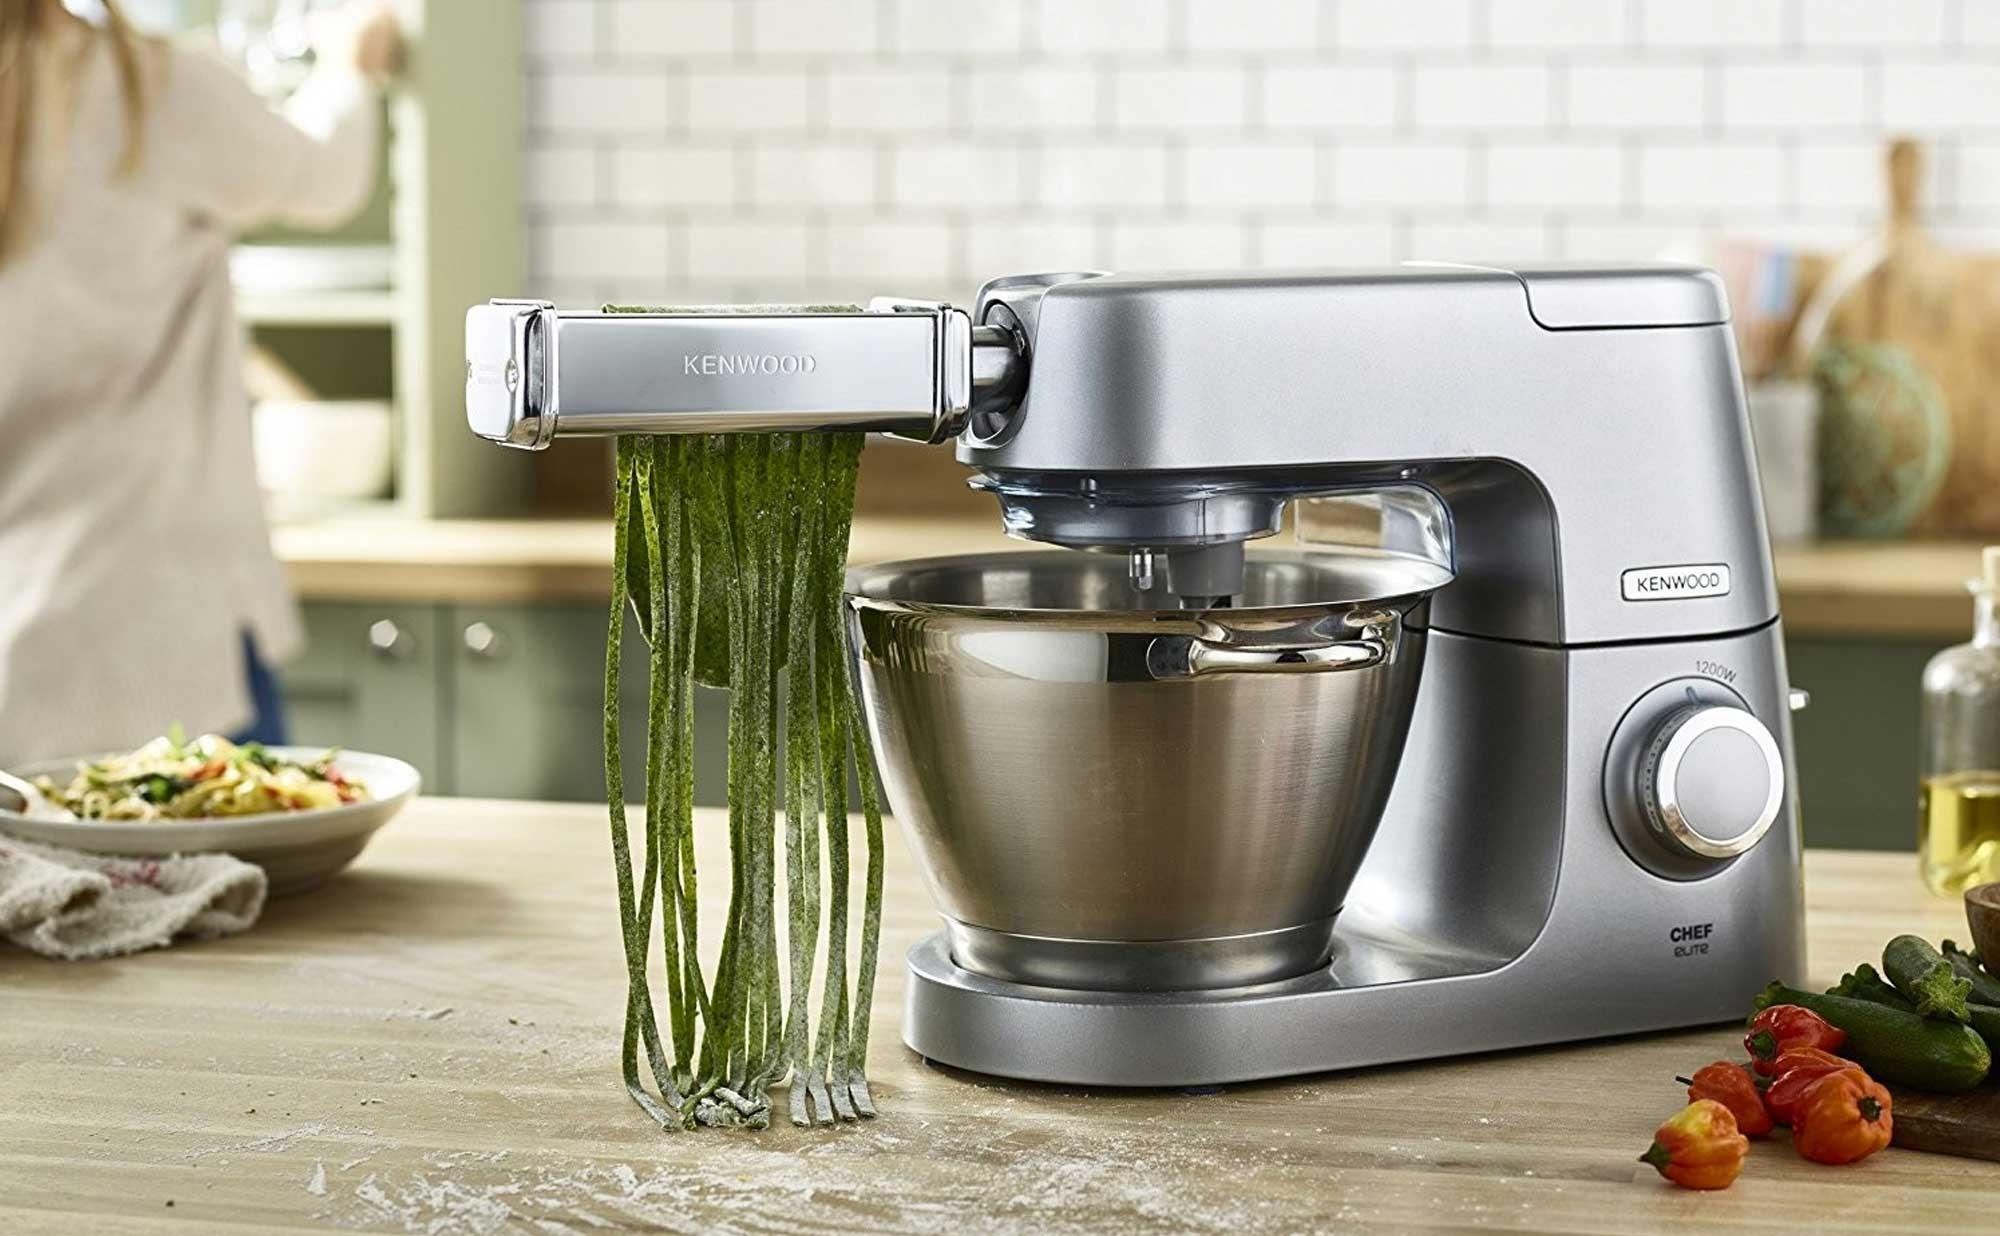 Kit à pâtes fraîches (MAX980ME) pour Cooking Chef Kenwood 3604a0051a6b